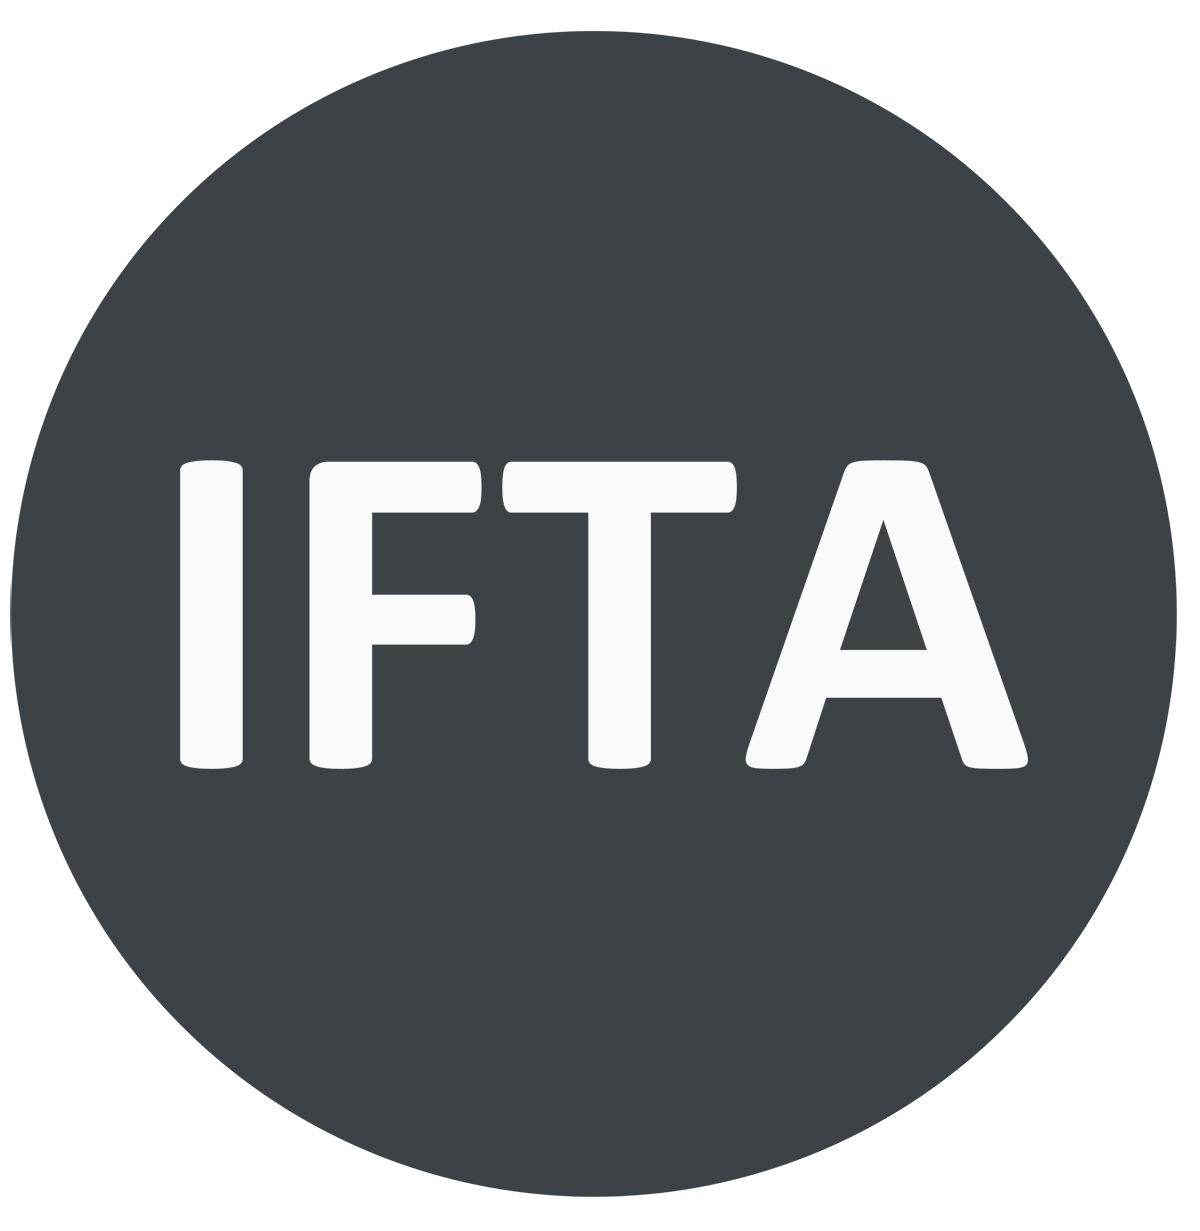 IFTA Arbitration